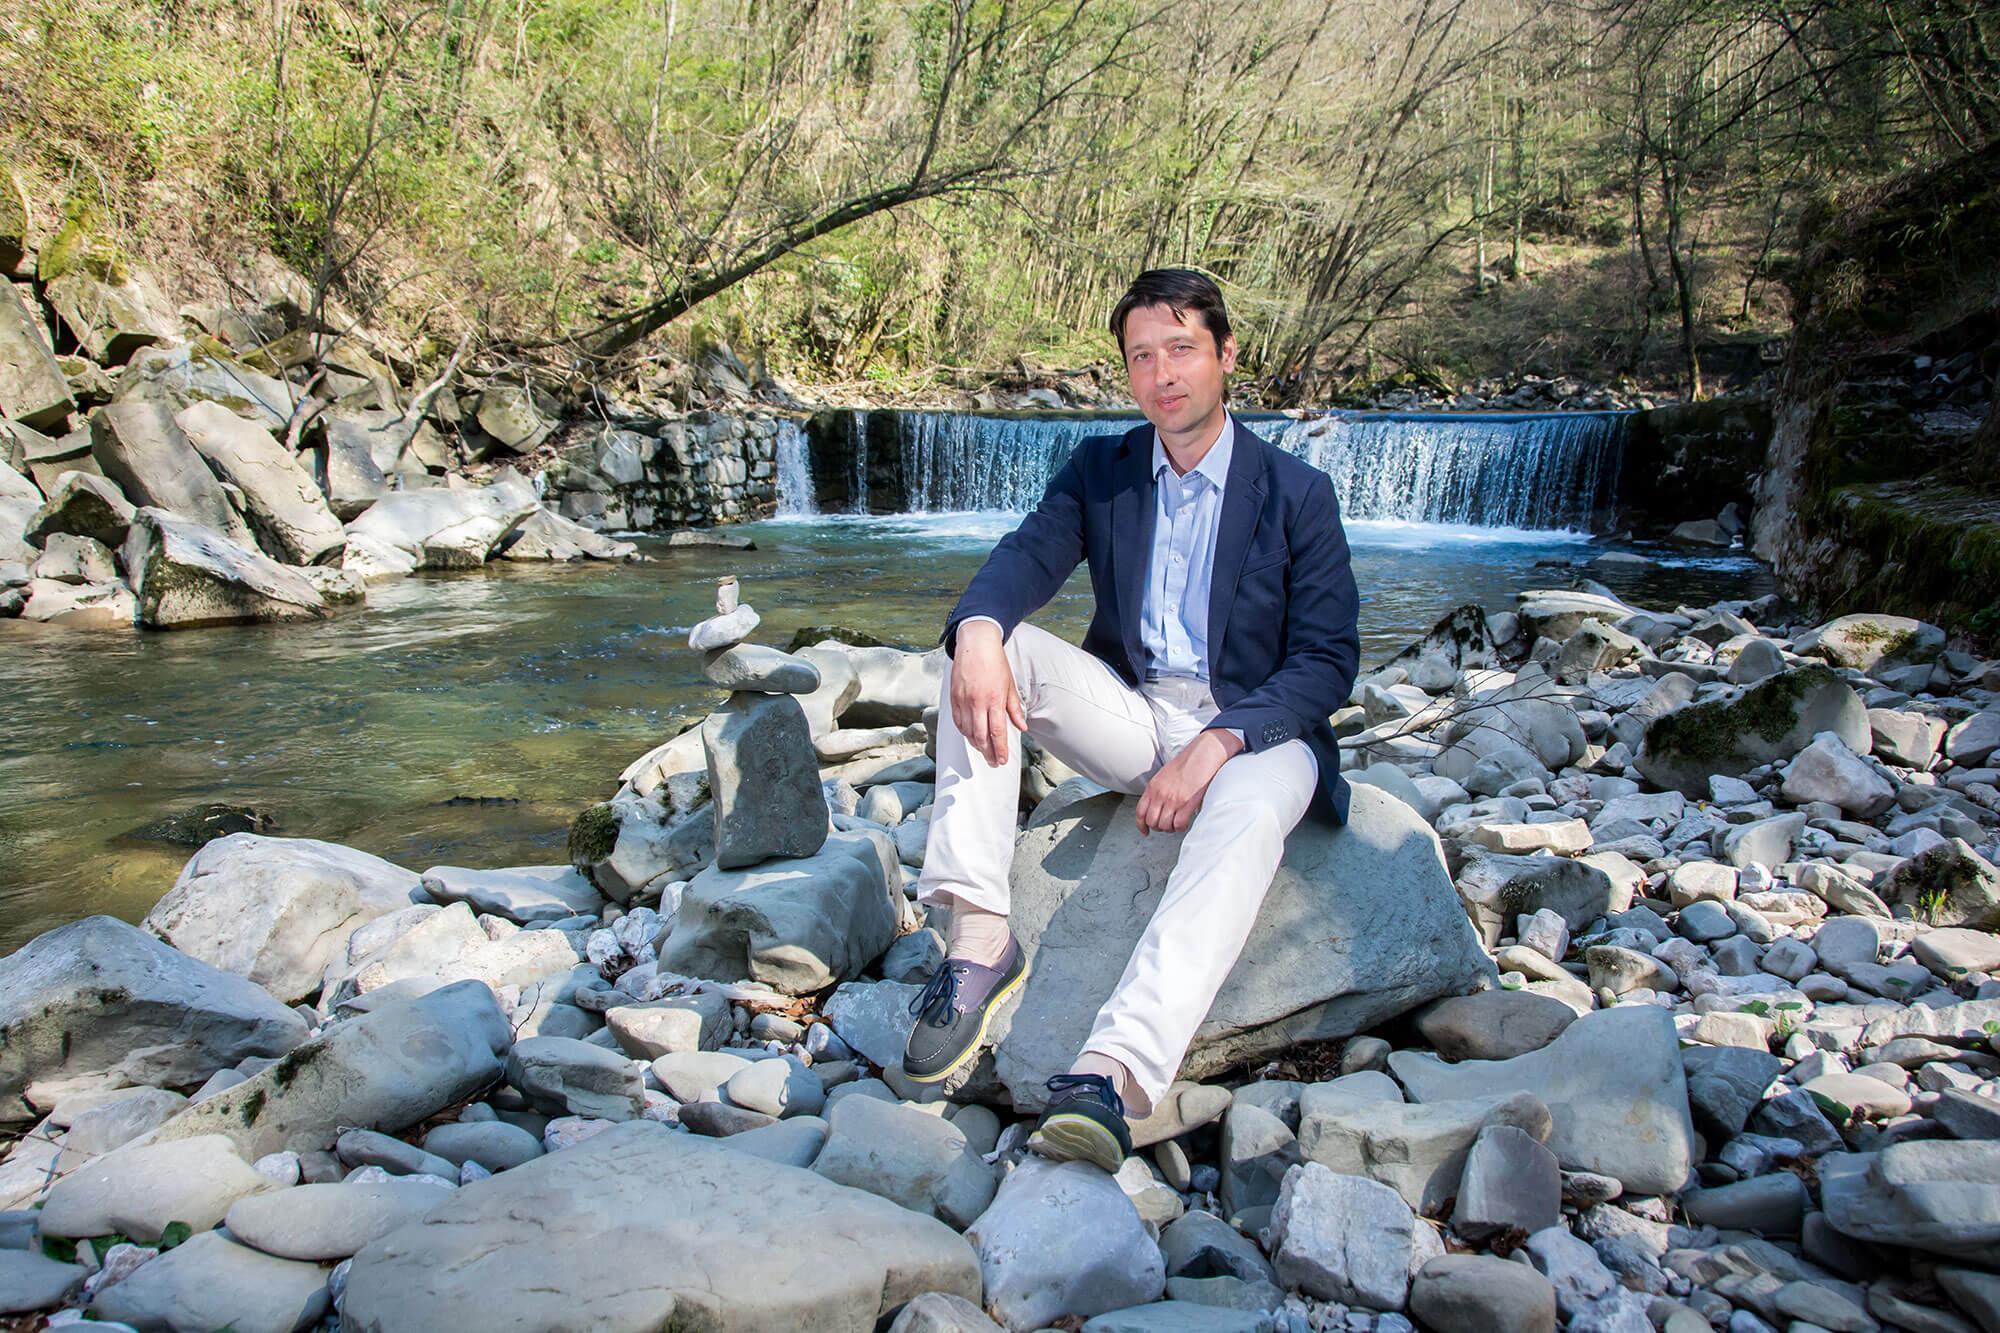 Intervju: Robert Marčelja - Jamčim da neću ostaviti našu općinu obezglavljenu kao što se to desilo u proteklom mandatu